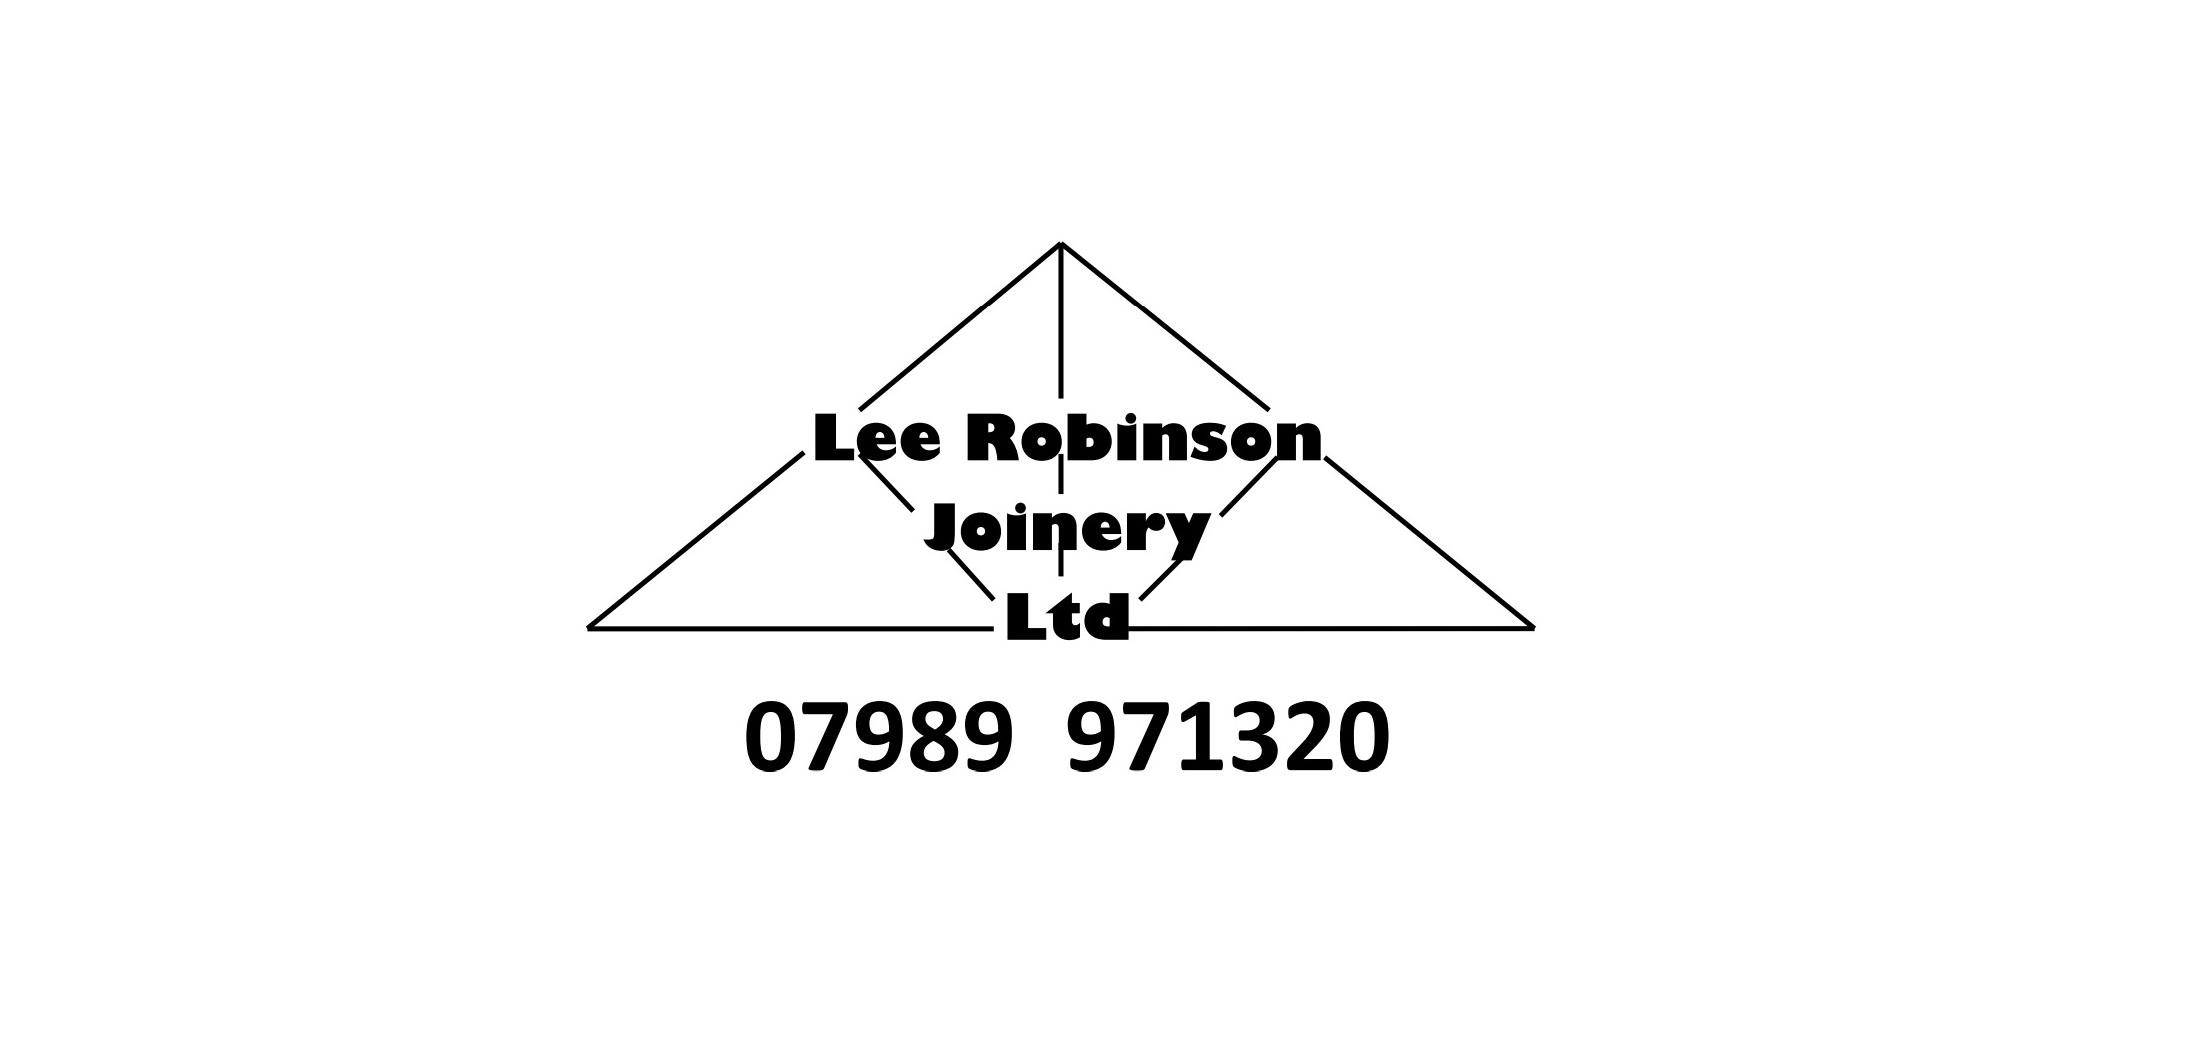 Lee Robinson